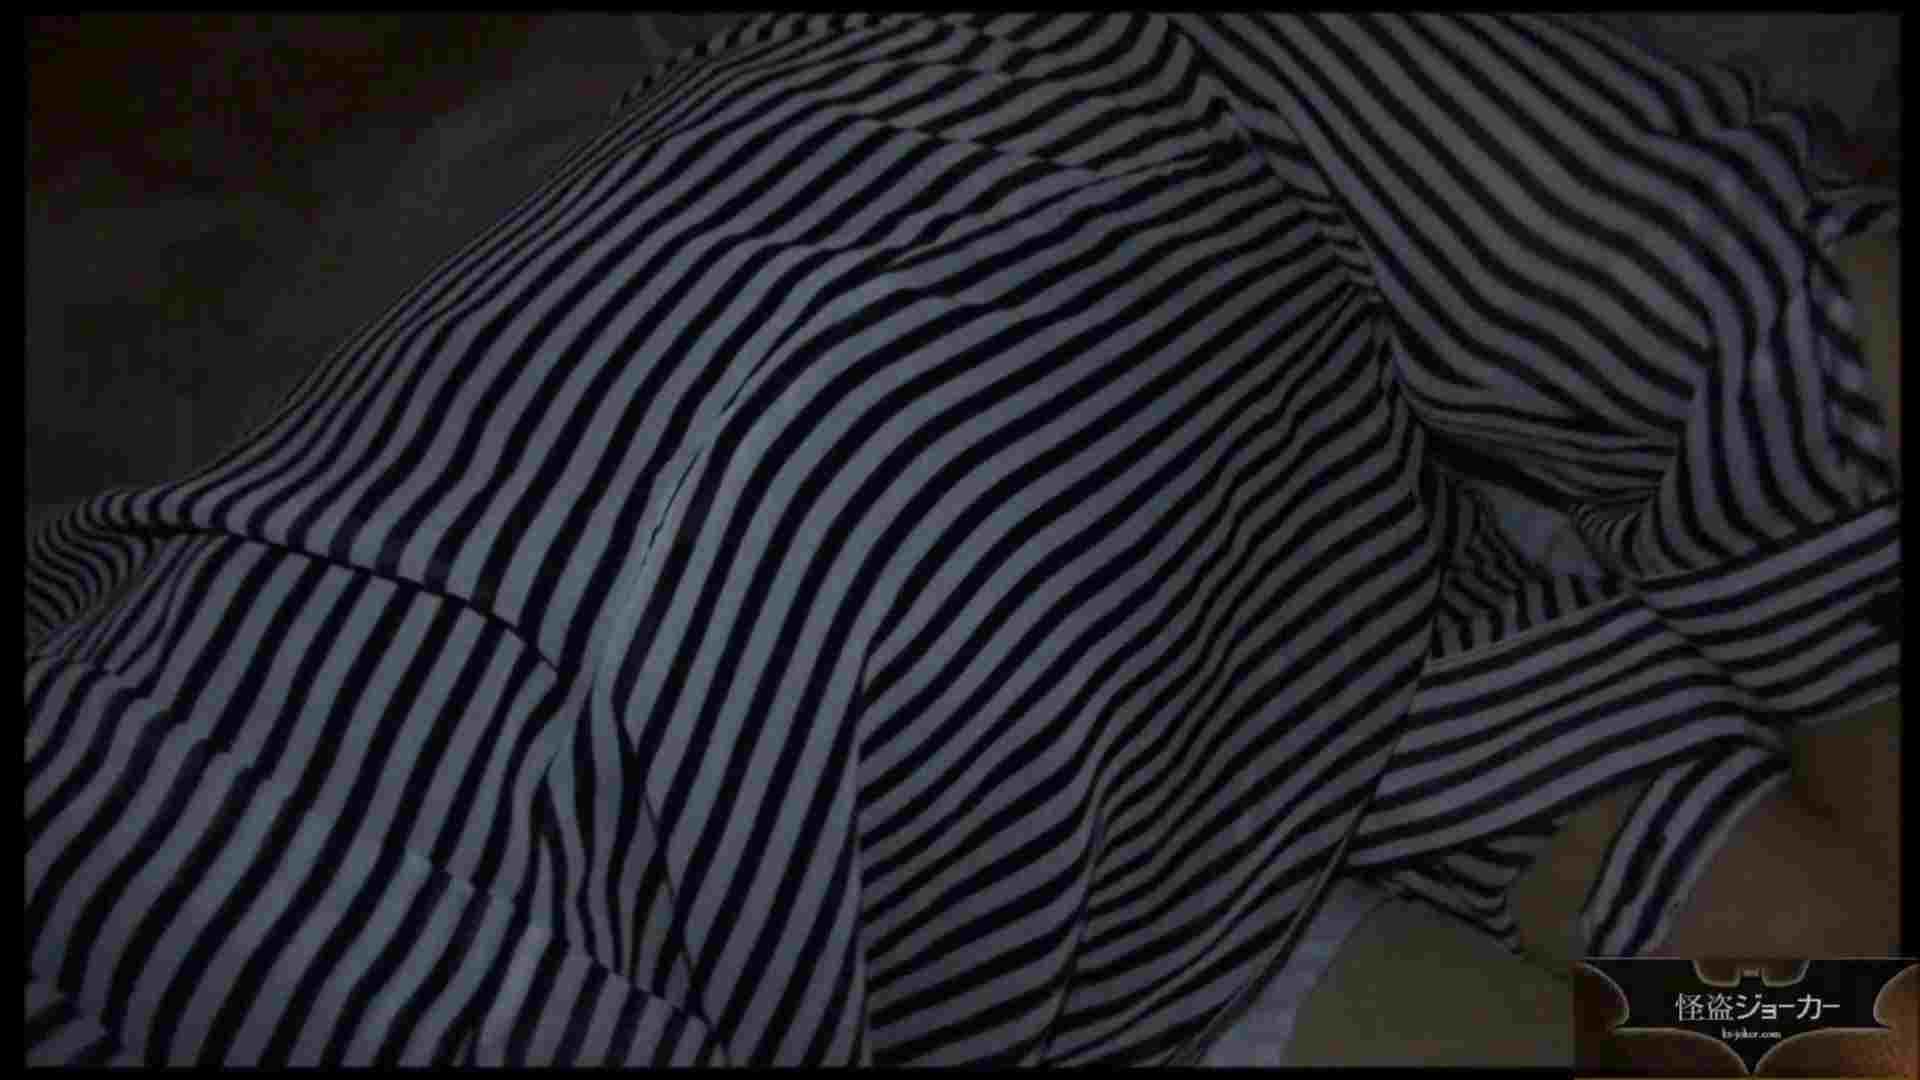 【未公開】vol.65 {黒髪美少女18歳}AIちゃん、連れ込み悪戯③ 悪戯 オマンコ動画キャプチャ 92枚 34